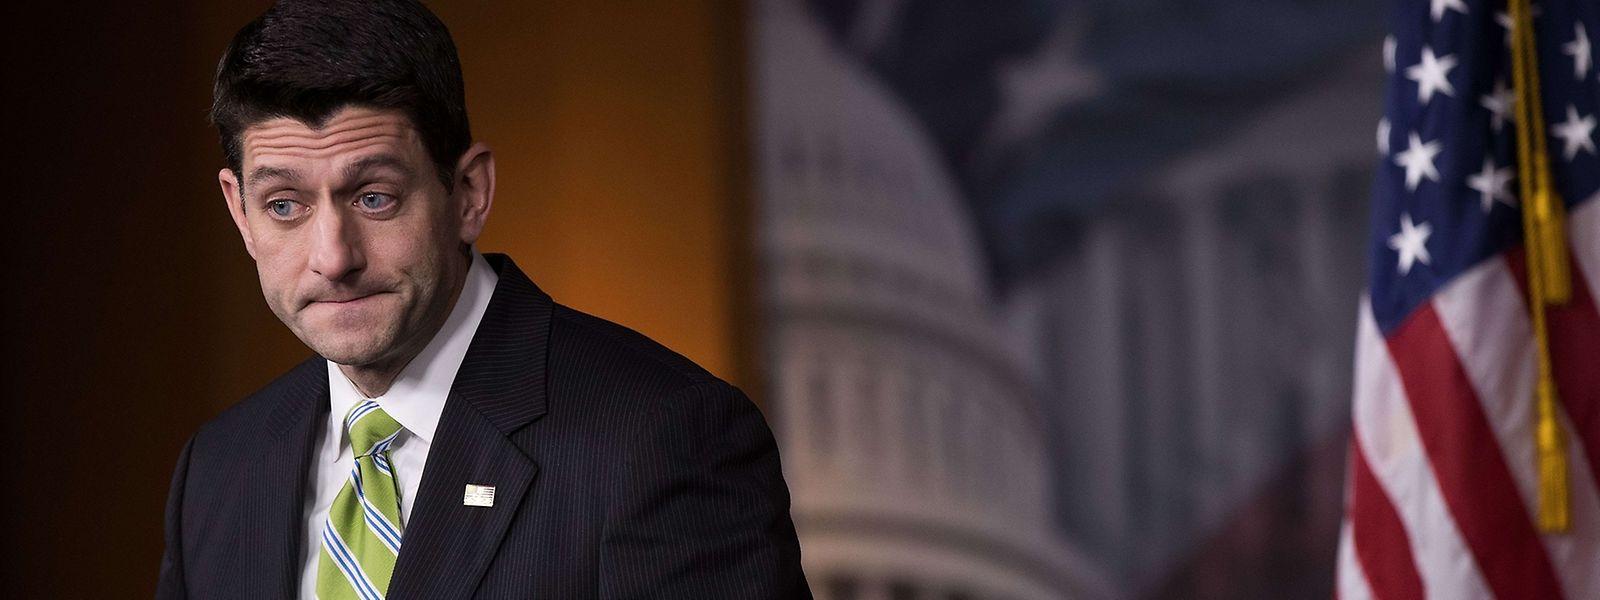 Entscheidende Figur: Paul Ryan, der Sprecher des US-Repräsentantenhauses, sagte die Abstimmung ab - auf Trumps Bitte, wie es heißt.